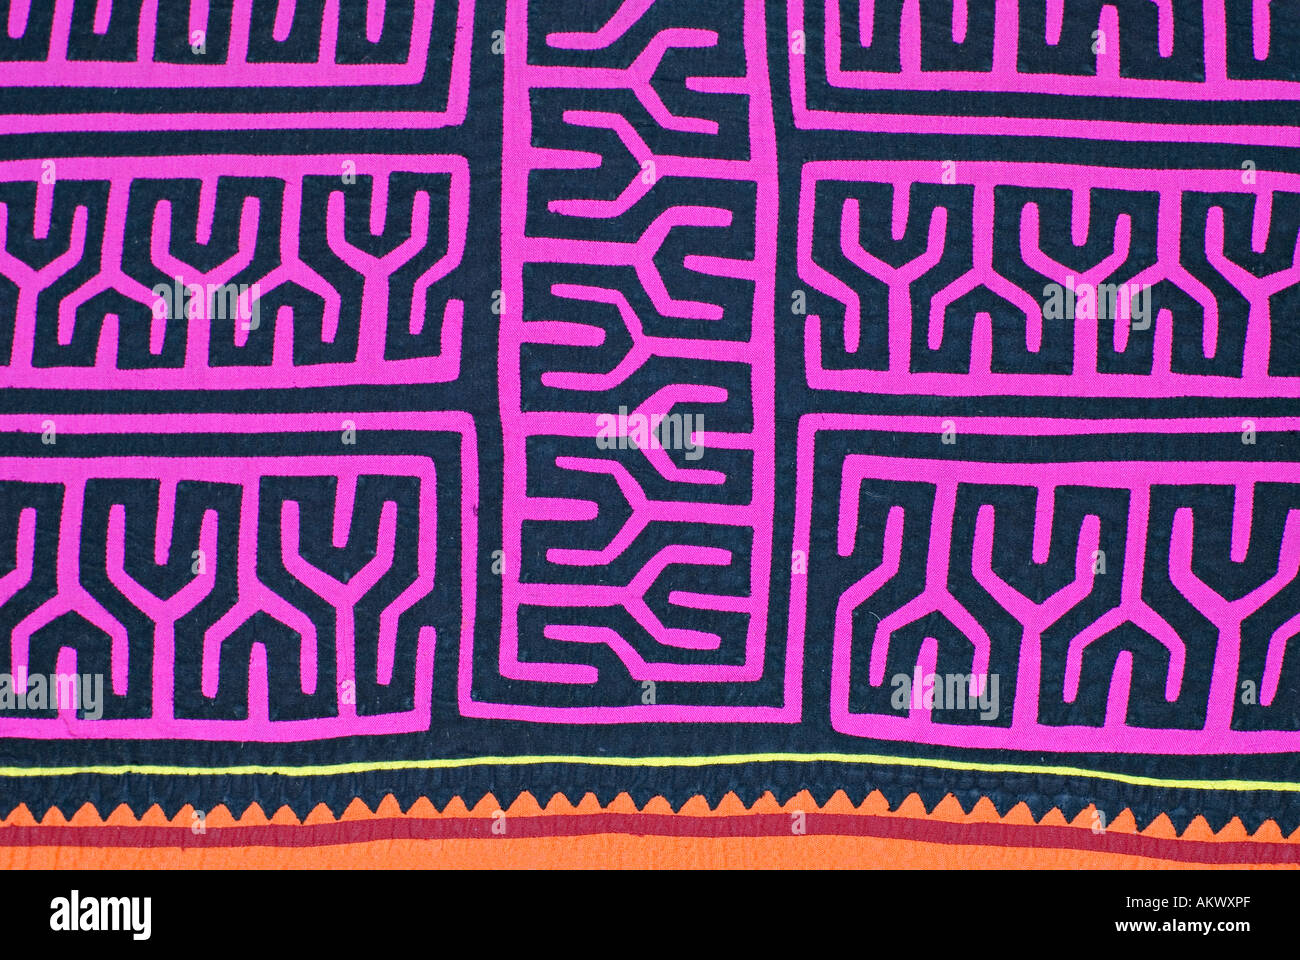 Applique decorazione applicata a bluse Molas s degli Indiani Kuna isole San  Blas Panama Modellazione Geometrica b044a6d5c8cf